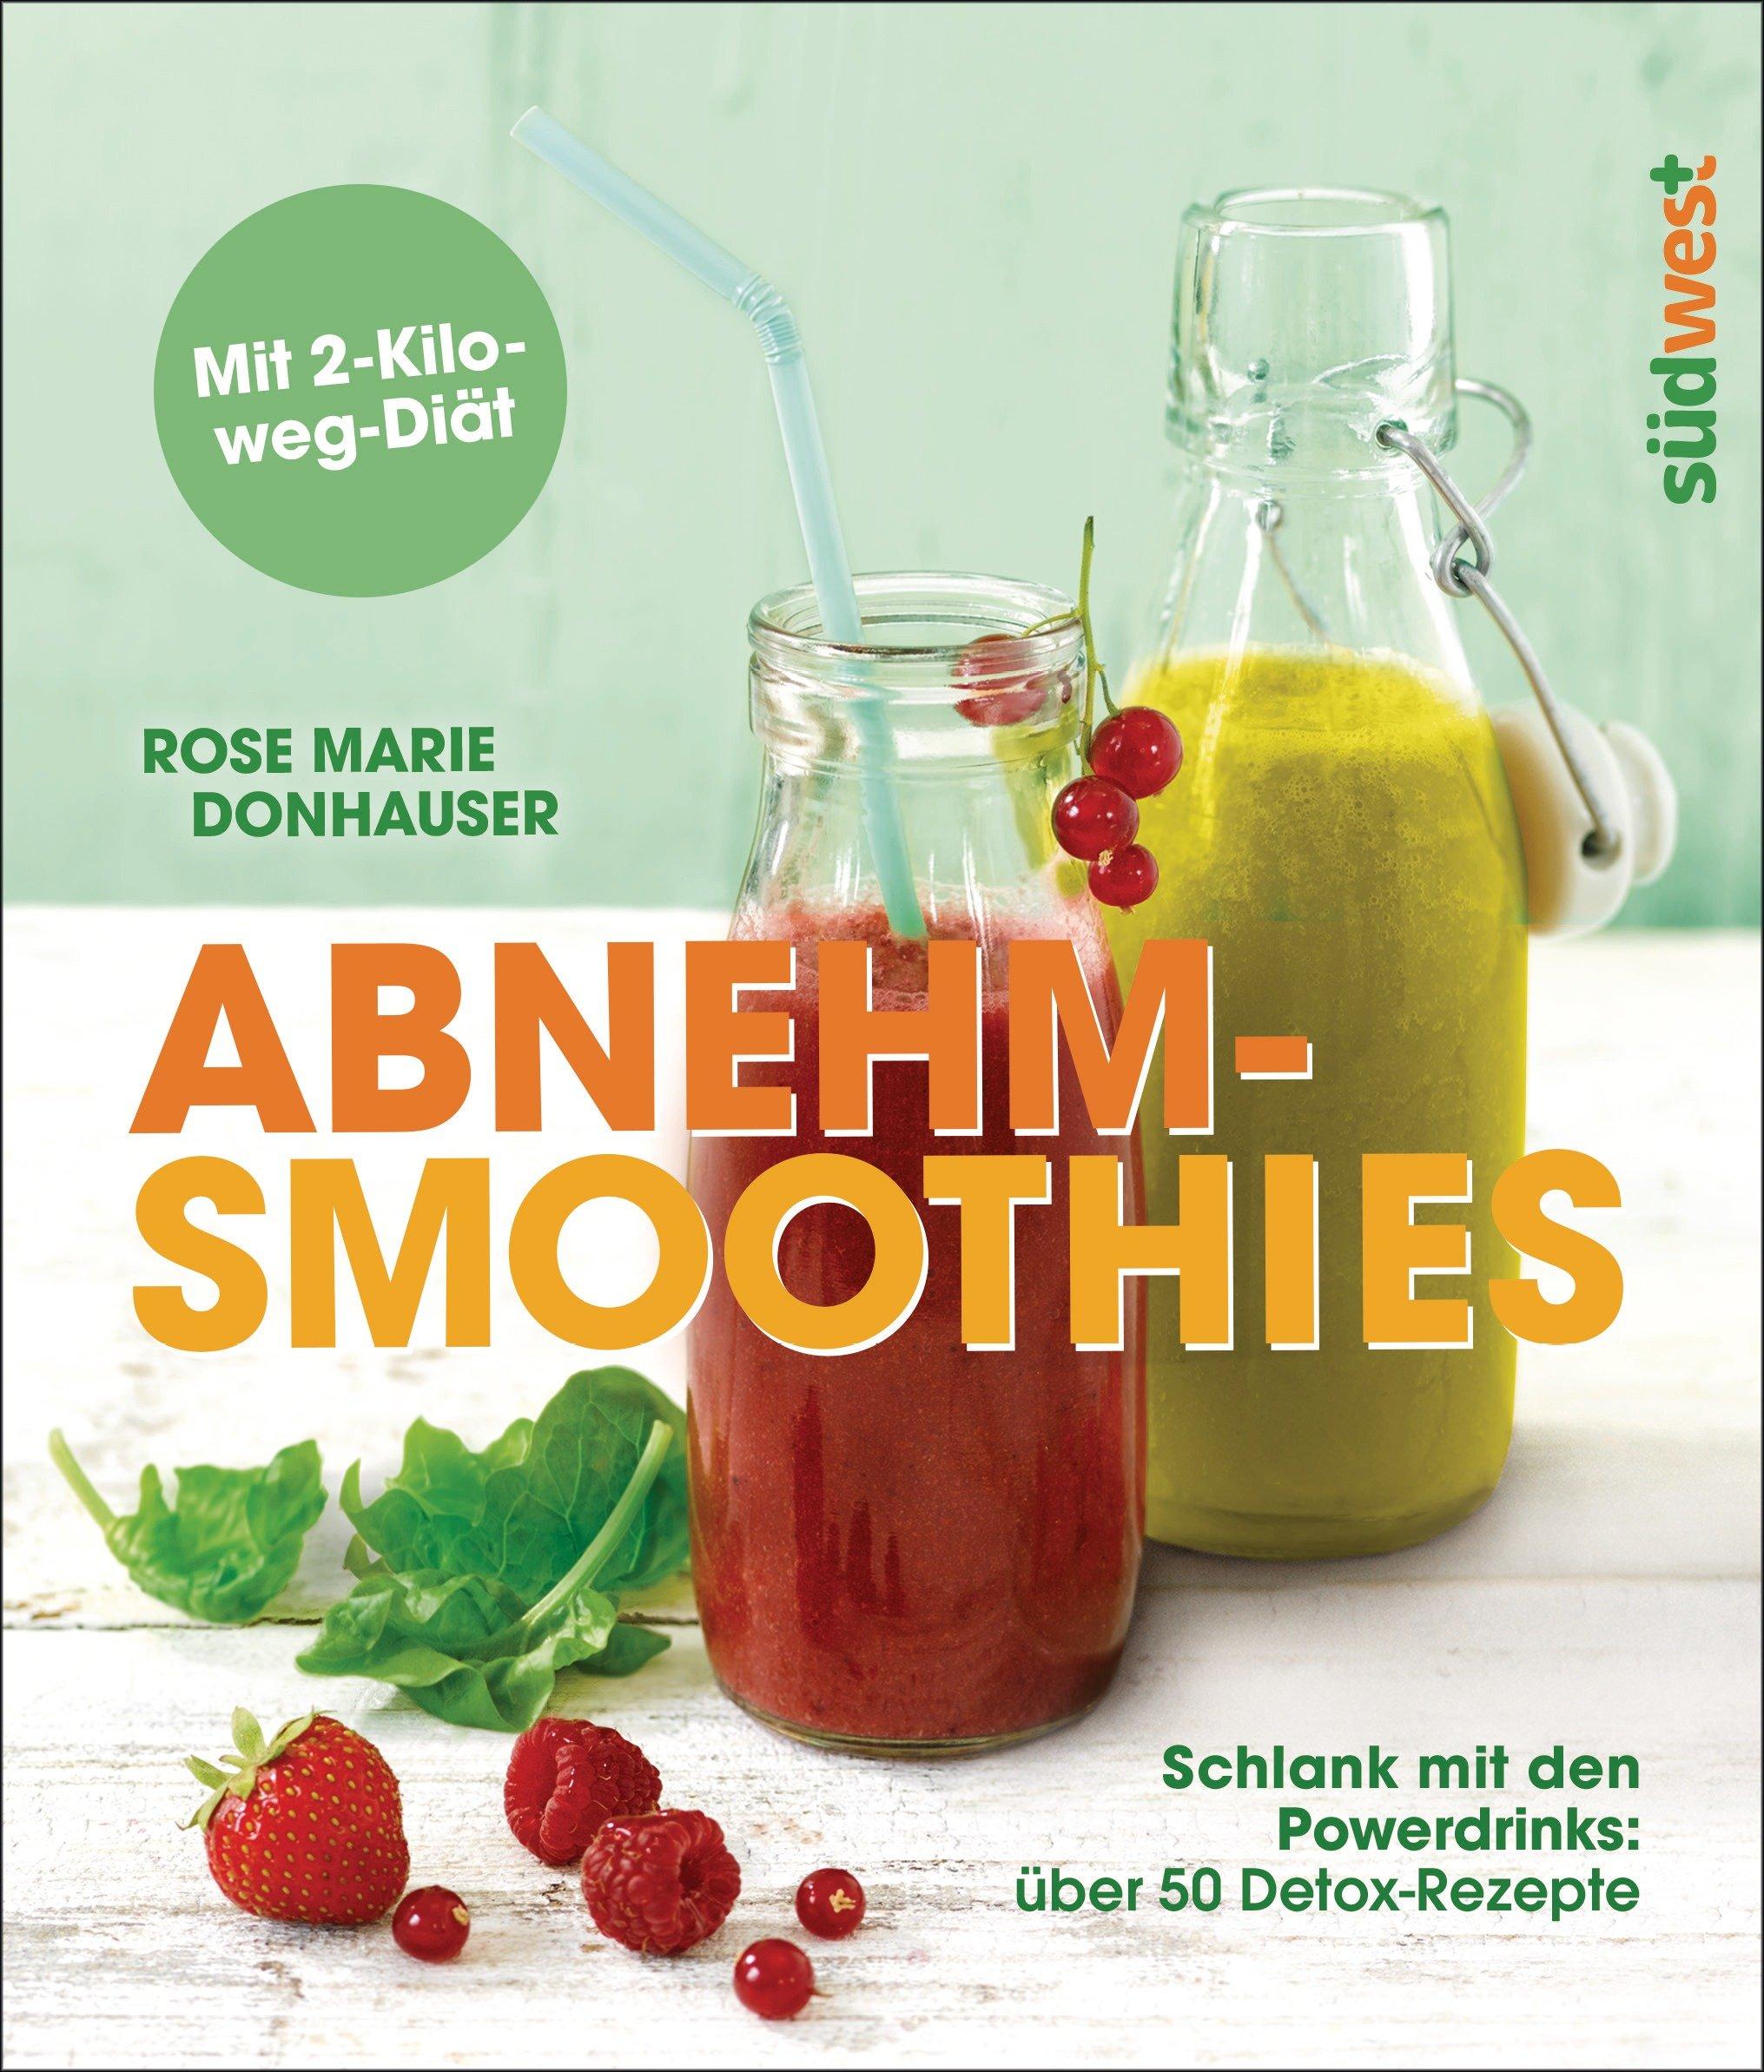 Abnehm Smoothies  Schlank Mit Den Powerdrinks  über 50 Detox Rezepte   Mit 2 Kilo Weg Diät